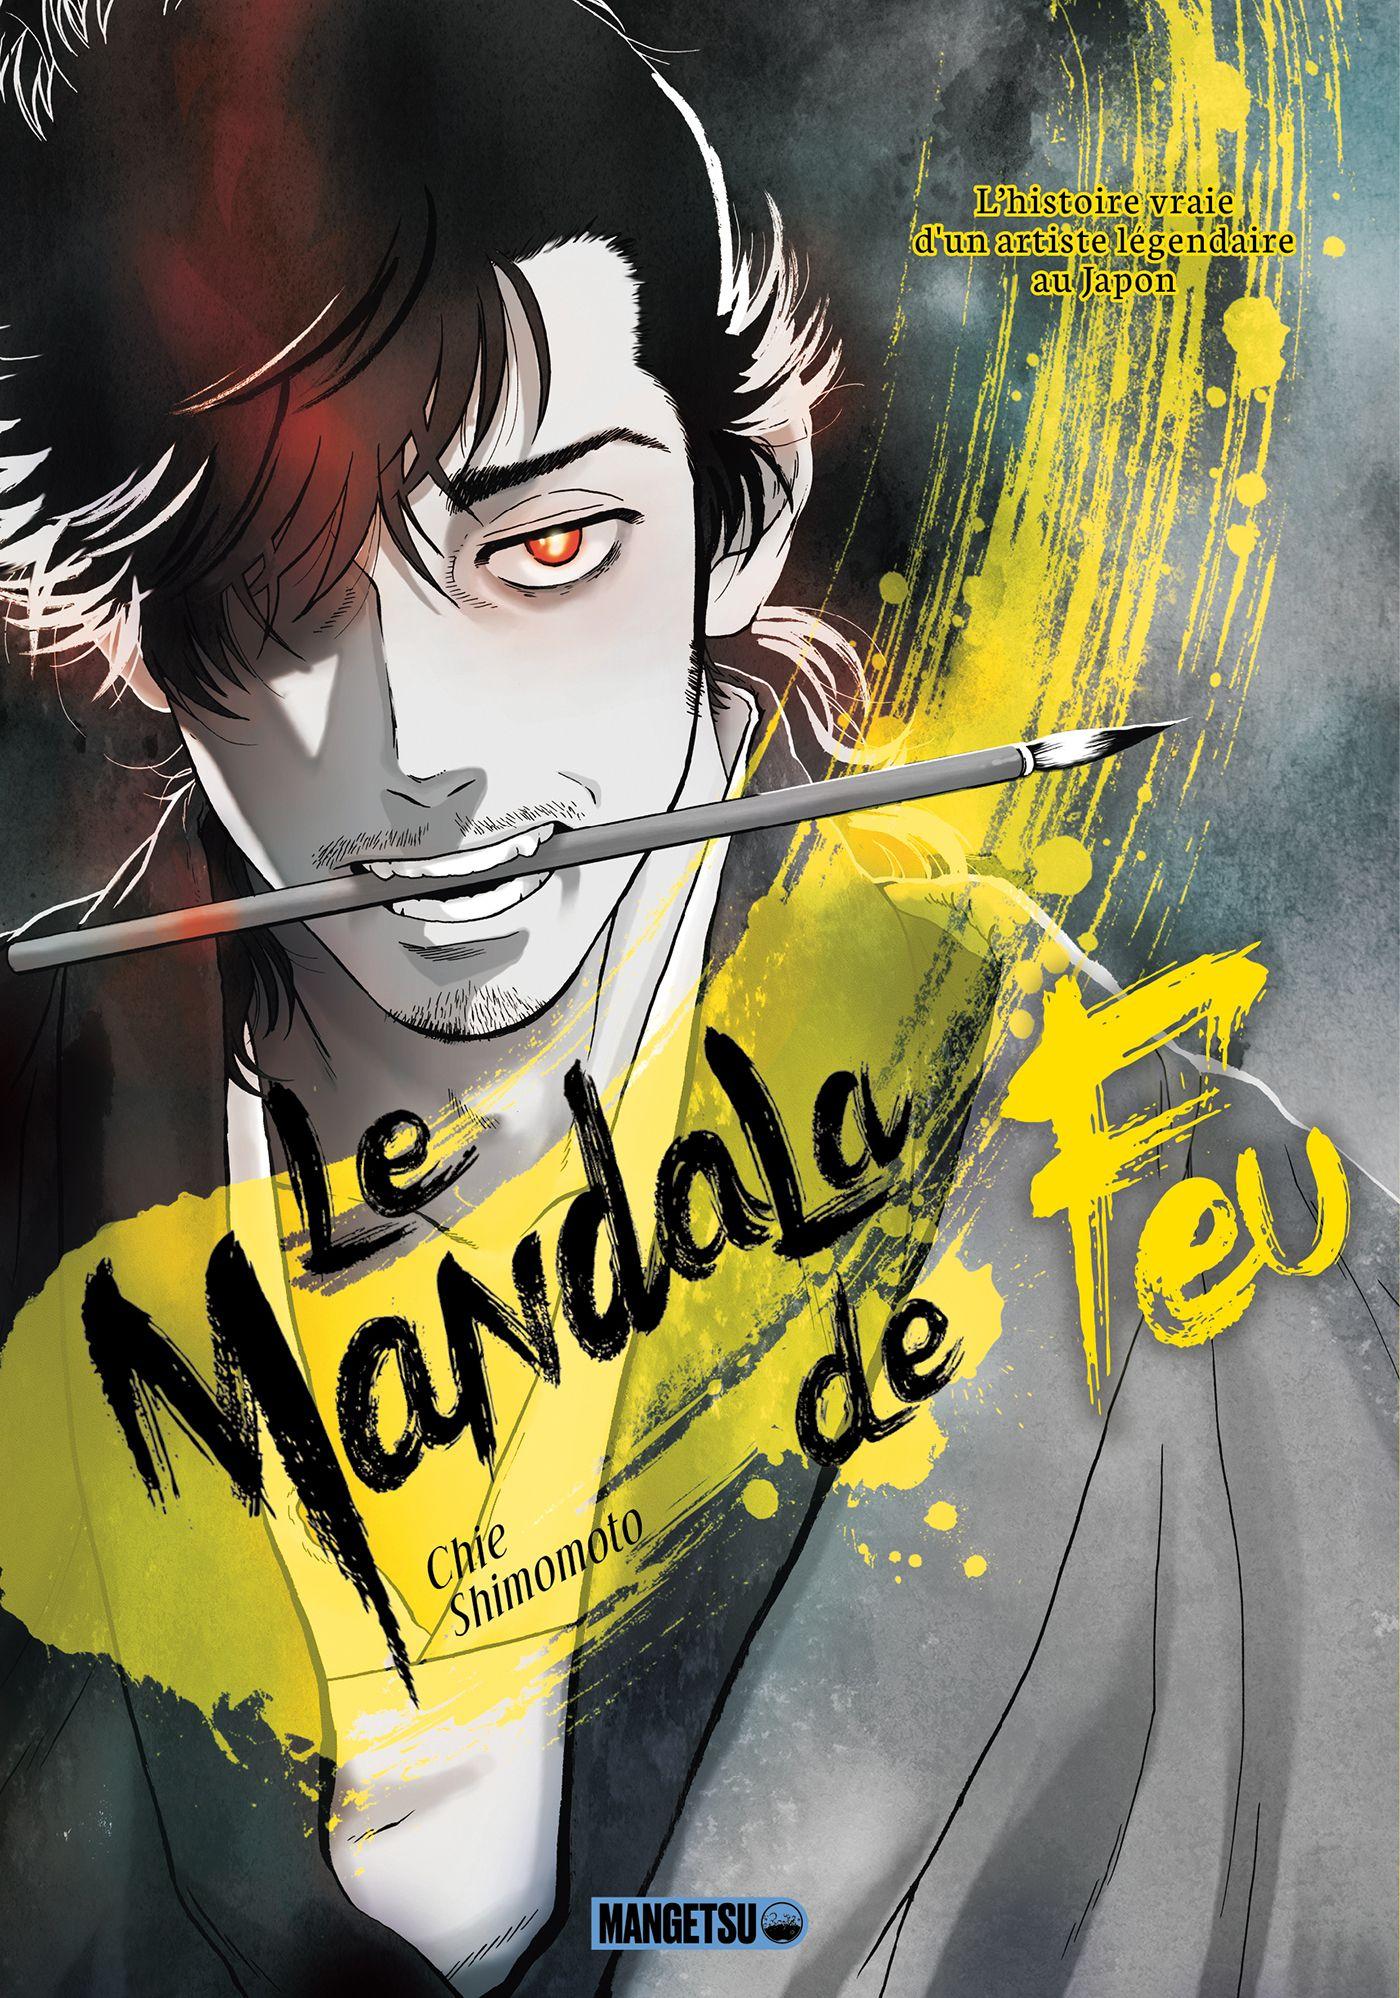 Manga - Mandala de feu (le)